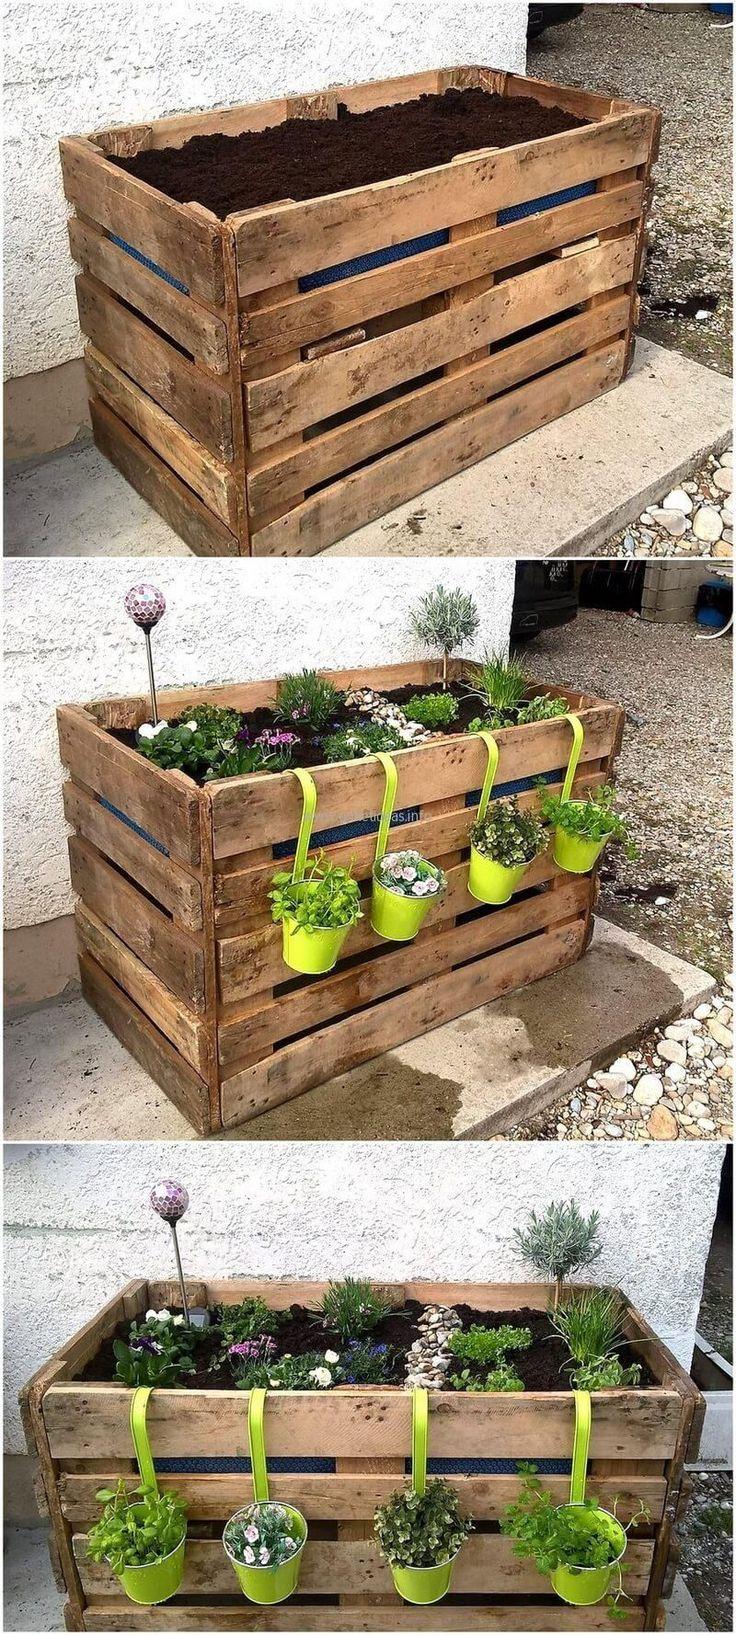 4998 best Garden images on Pinterest | Backyard ideas, Garden ideas ...